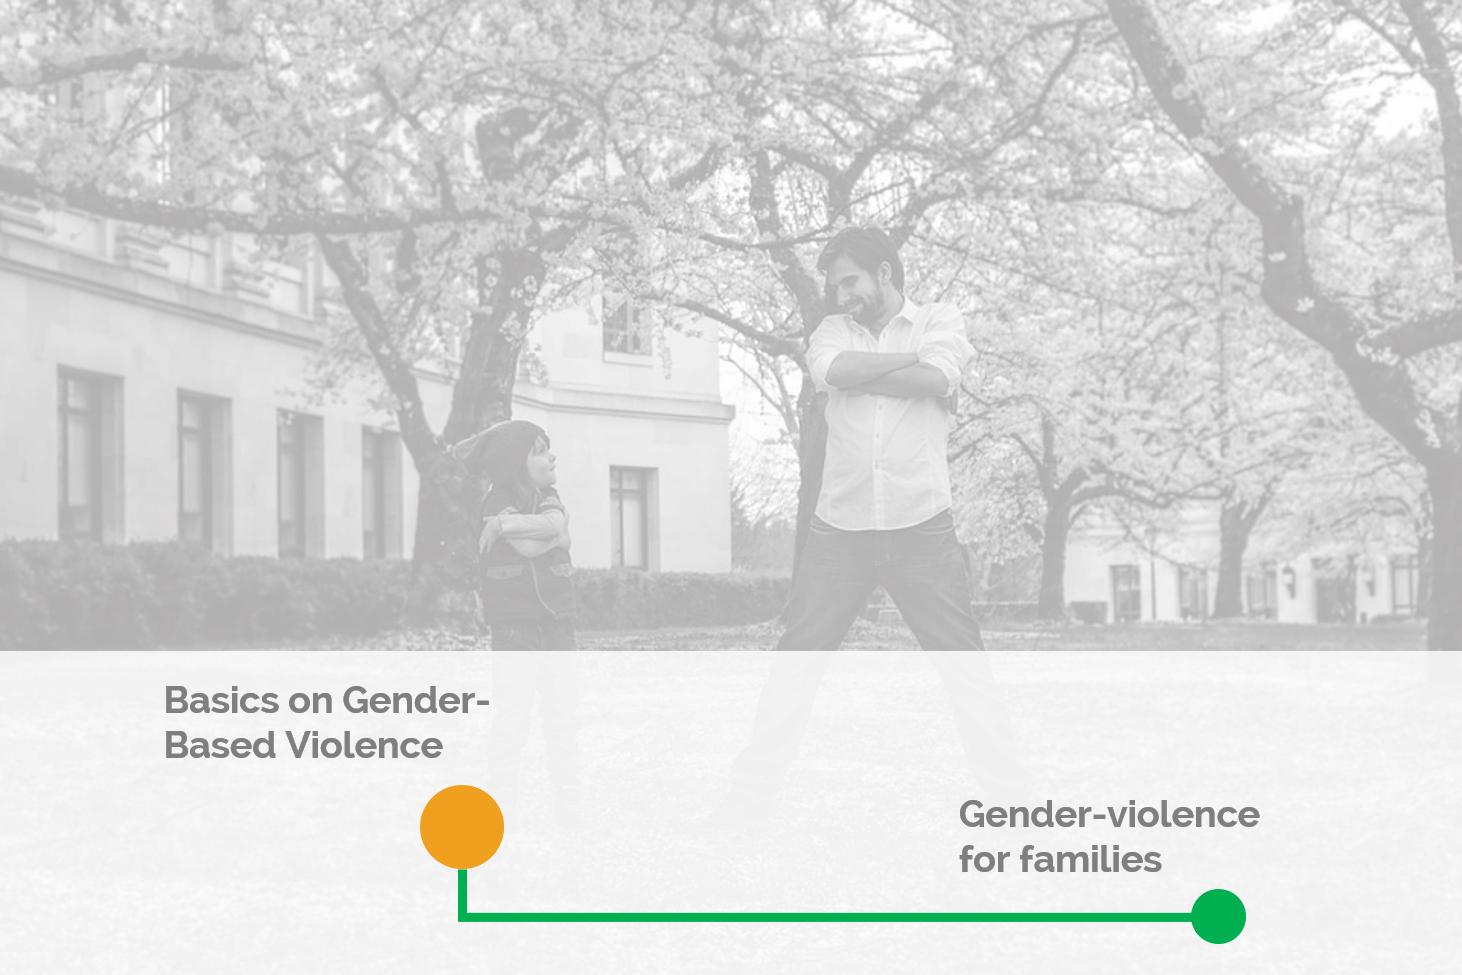 Violenza di genere per famiglie